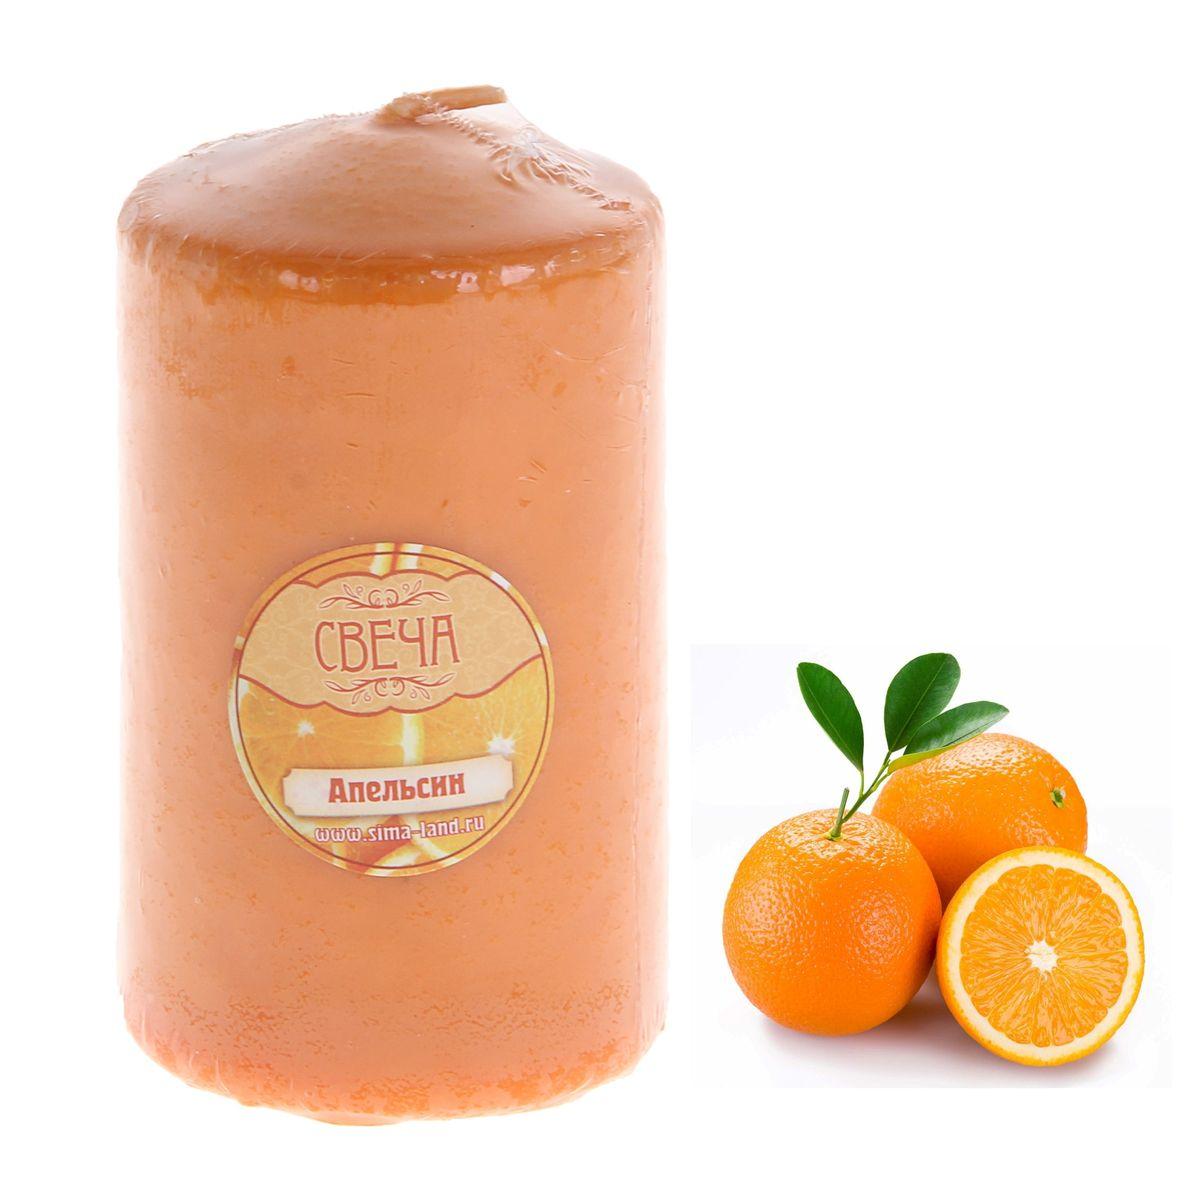 Свеча ароматизированная Sima-land Апельсин, цвет: оранжевый, высота 10 см849601Ароматизированная свеча Sima-land Апельсин изготовлена из воска в виде столбика. Изделие отличается ярким дизайном и приятным ароматом апельсина. Создайте для себя и своих близких незабываемую атмосферу праздника в доме. Такая свеча может стать отличным подарком или дополнить интерьер вашей комнаты.